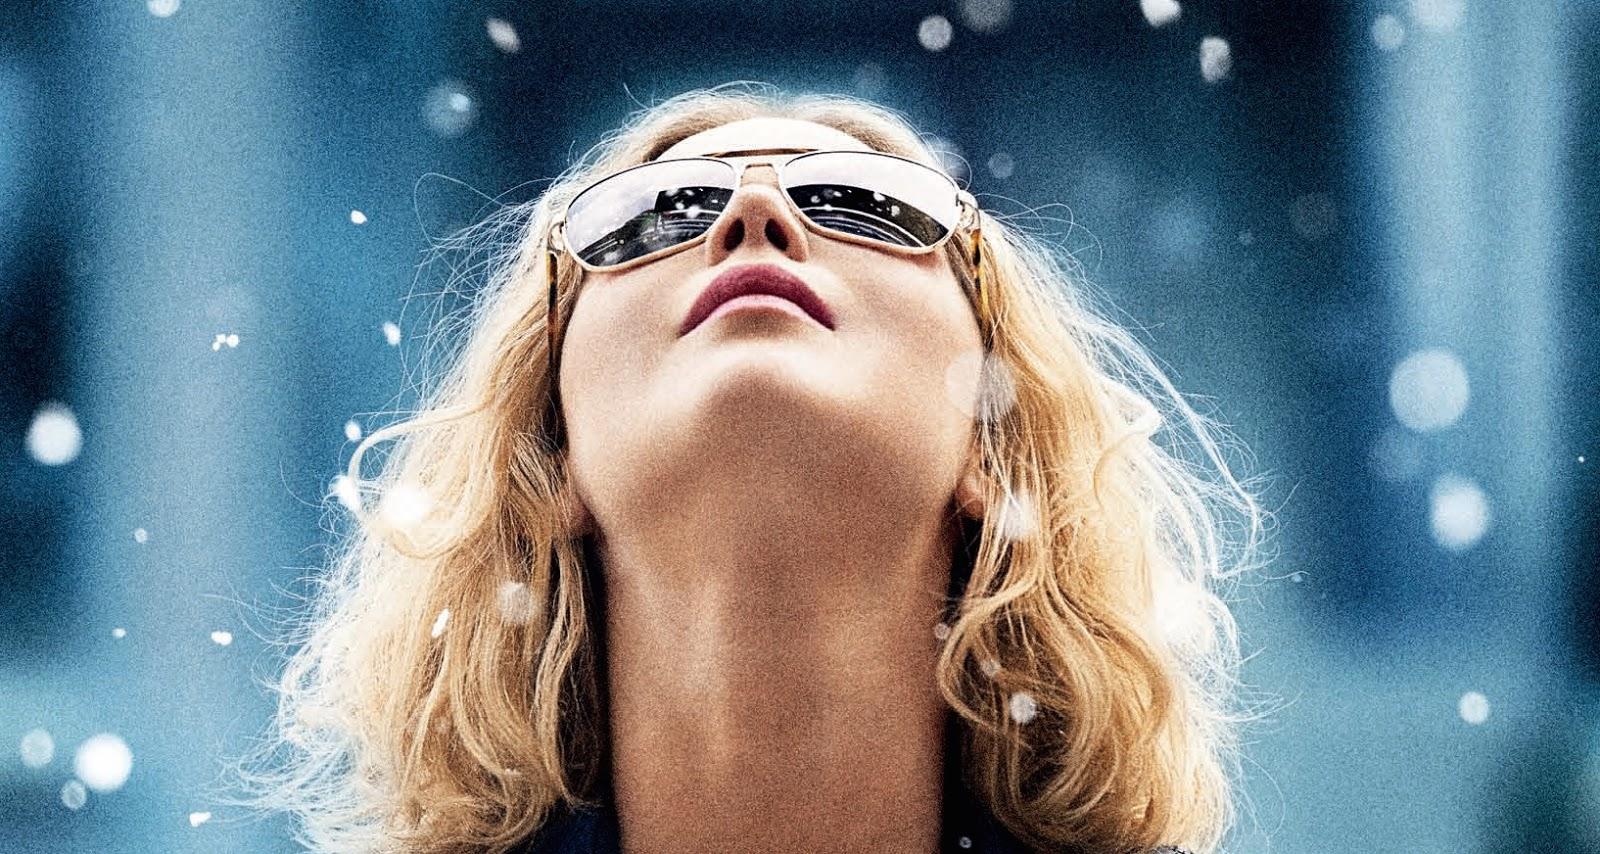 Joy the movie